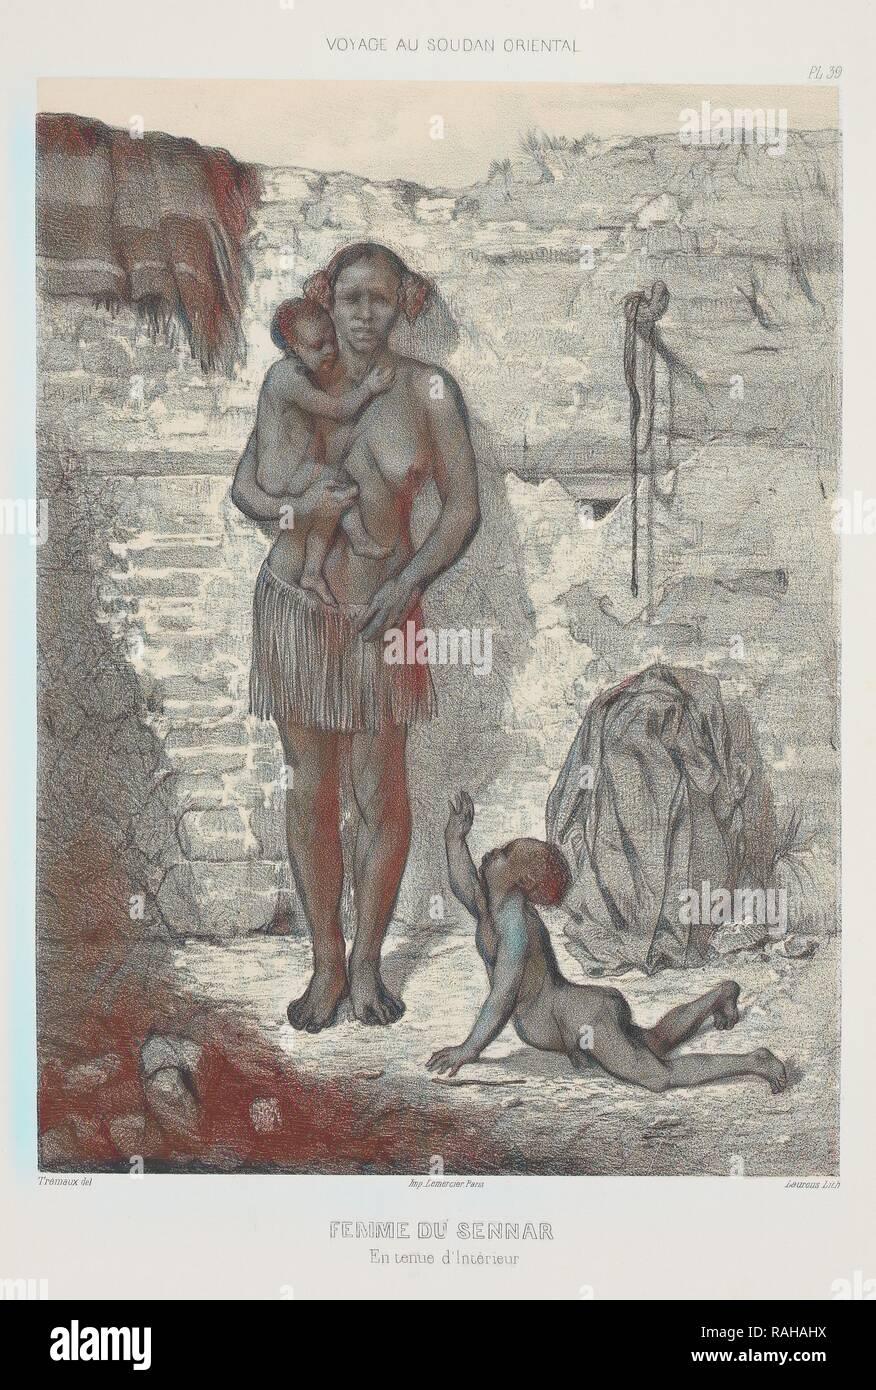 Femme du Sennar, Voyages au Soudan oriental et dans l'Afrique septentrionale, exécutés de 1847 à 1854, Trémaux, P. ( reimagined - Stock Image